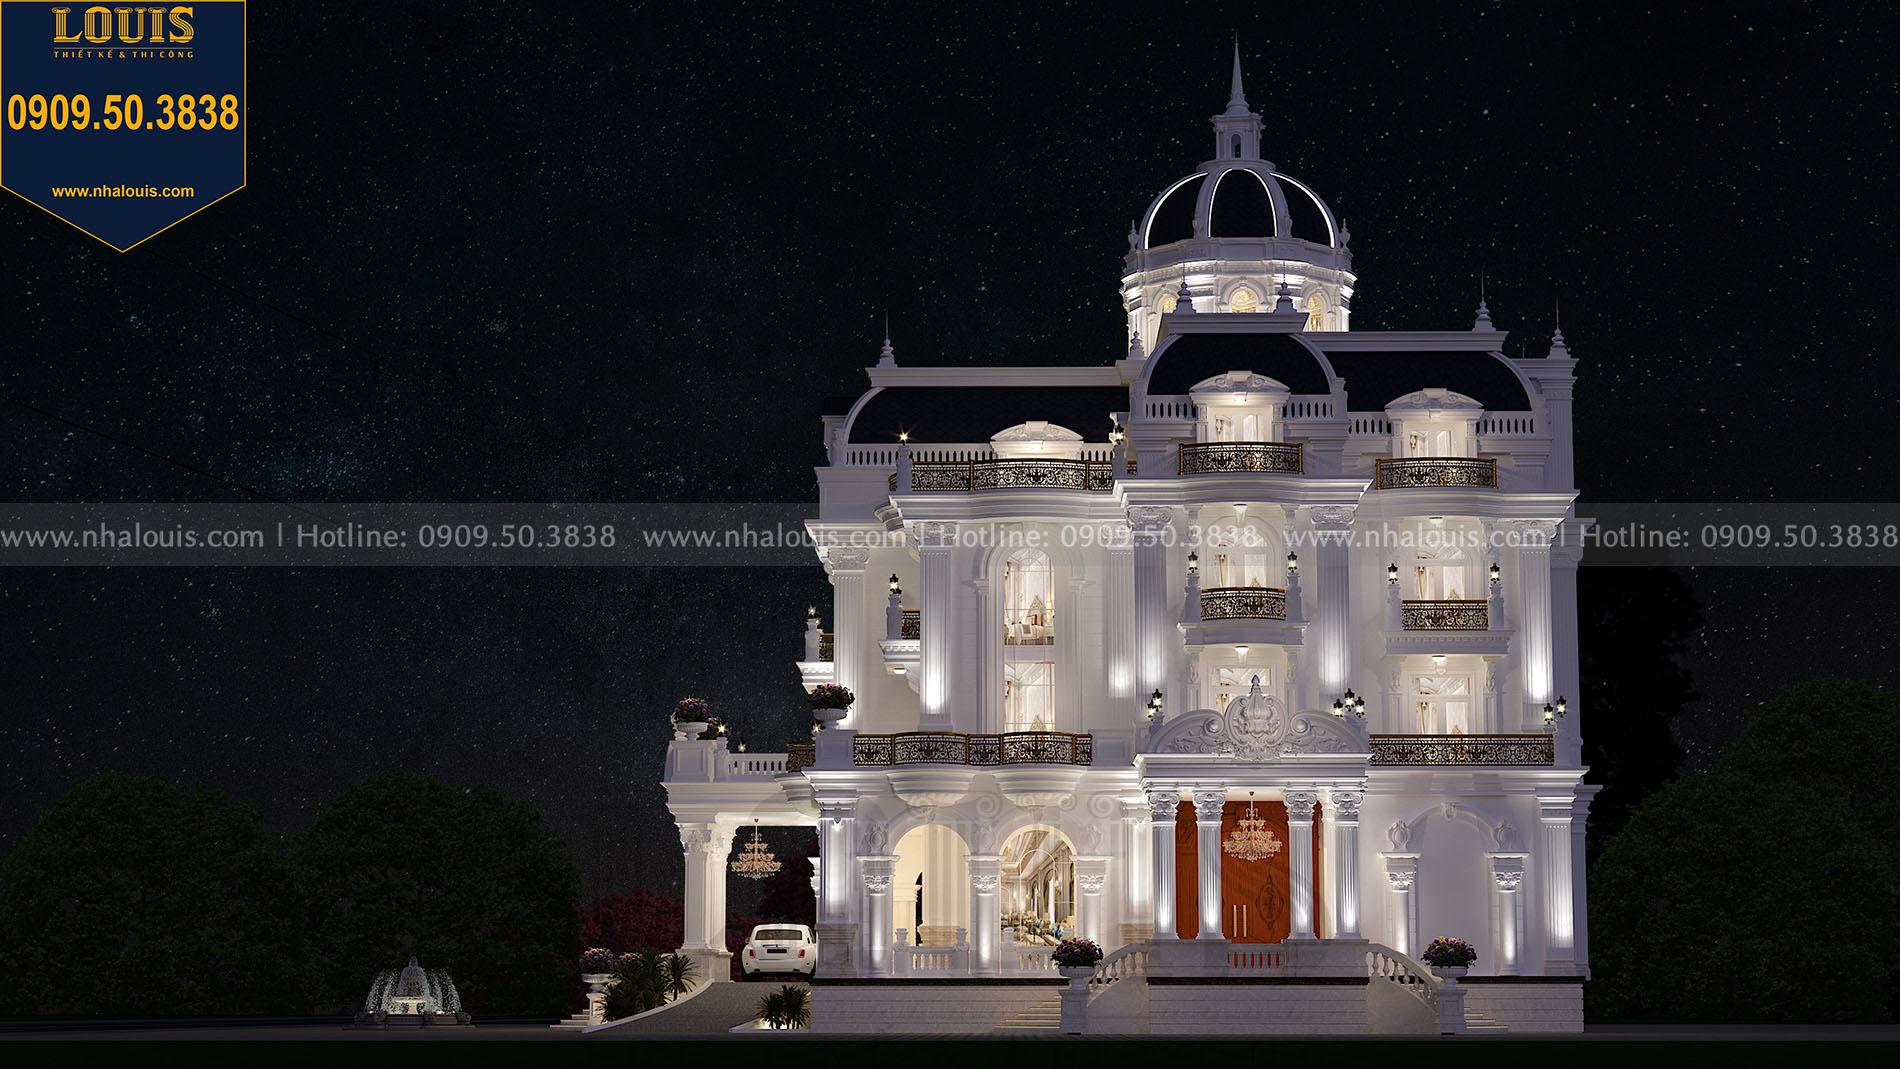 Lâu đài tân cổ điển đẹp tráng lệ tại Tiền Giang